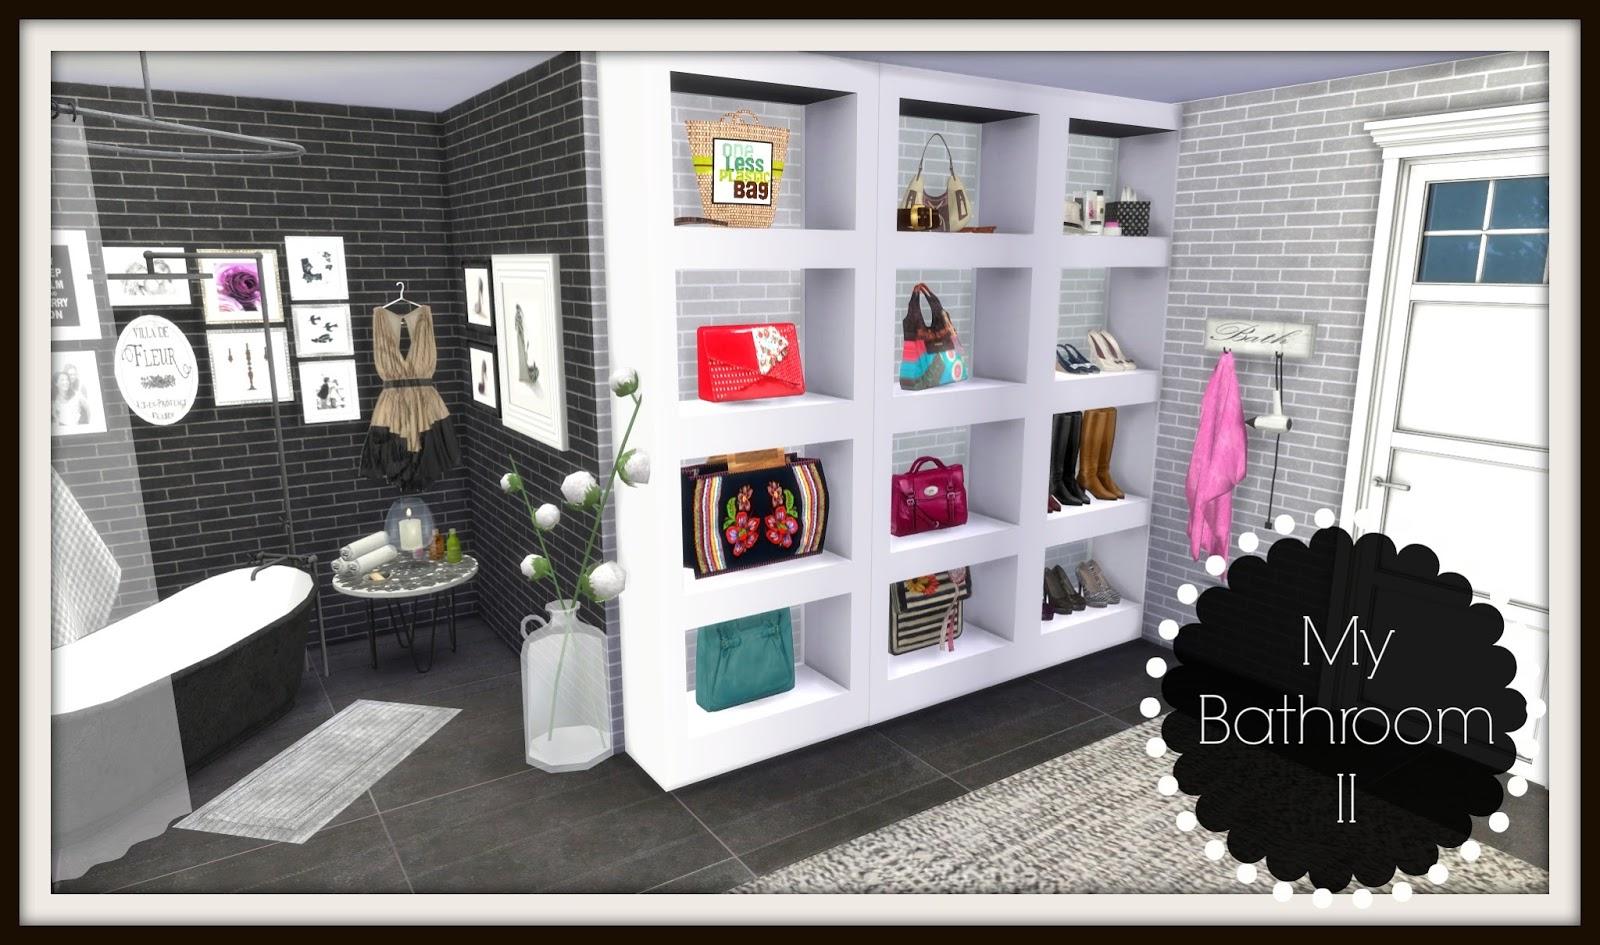 The Sims 4 Bathroom Ideas : Sims bathroom ii dinha